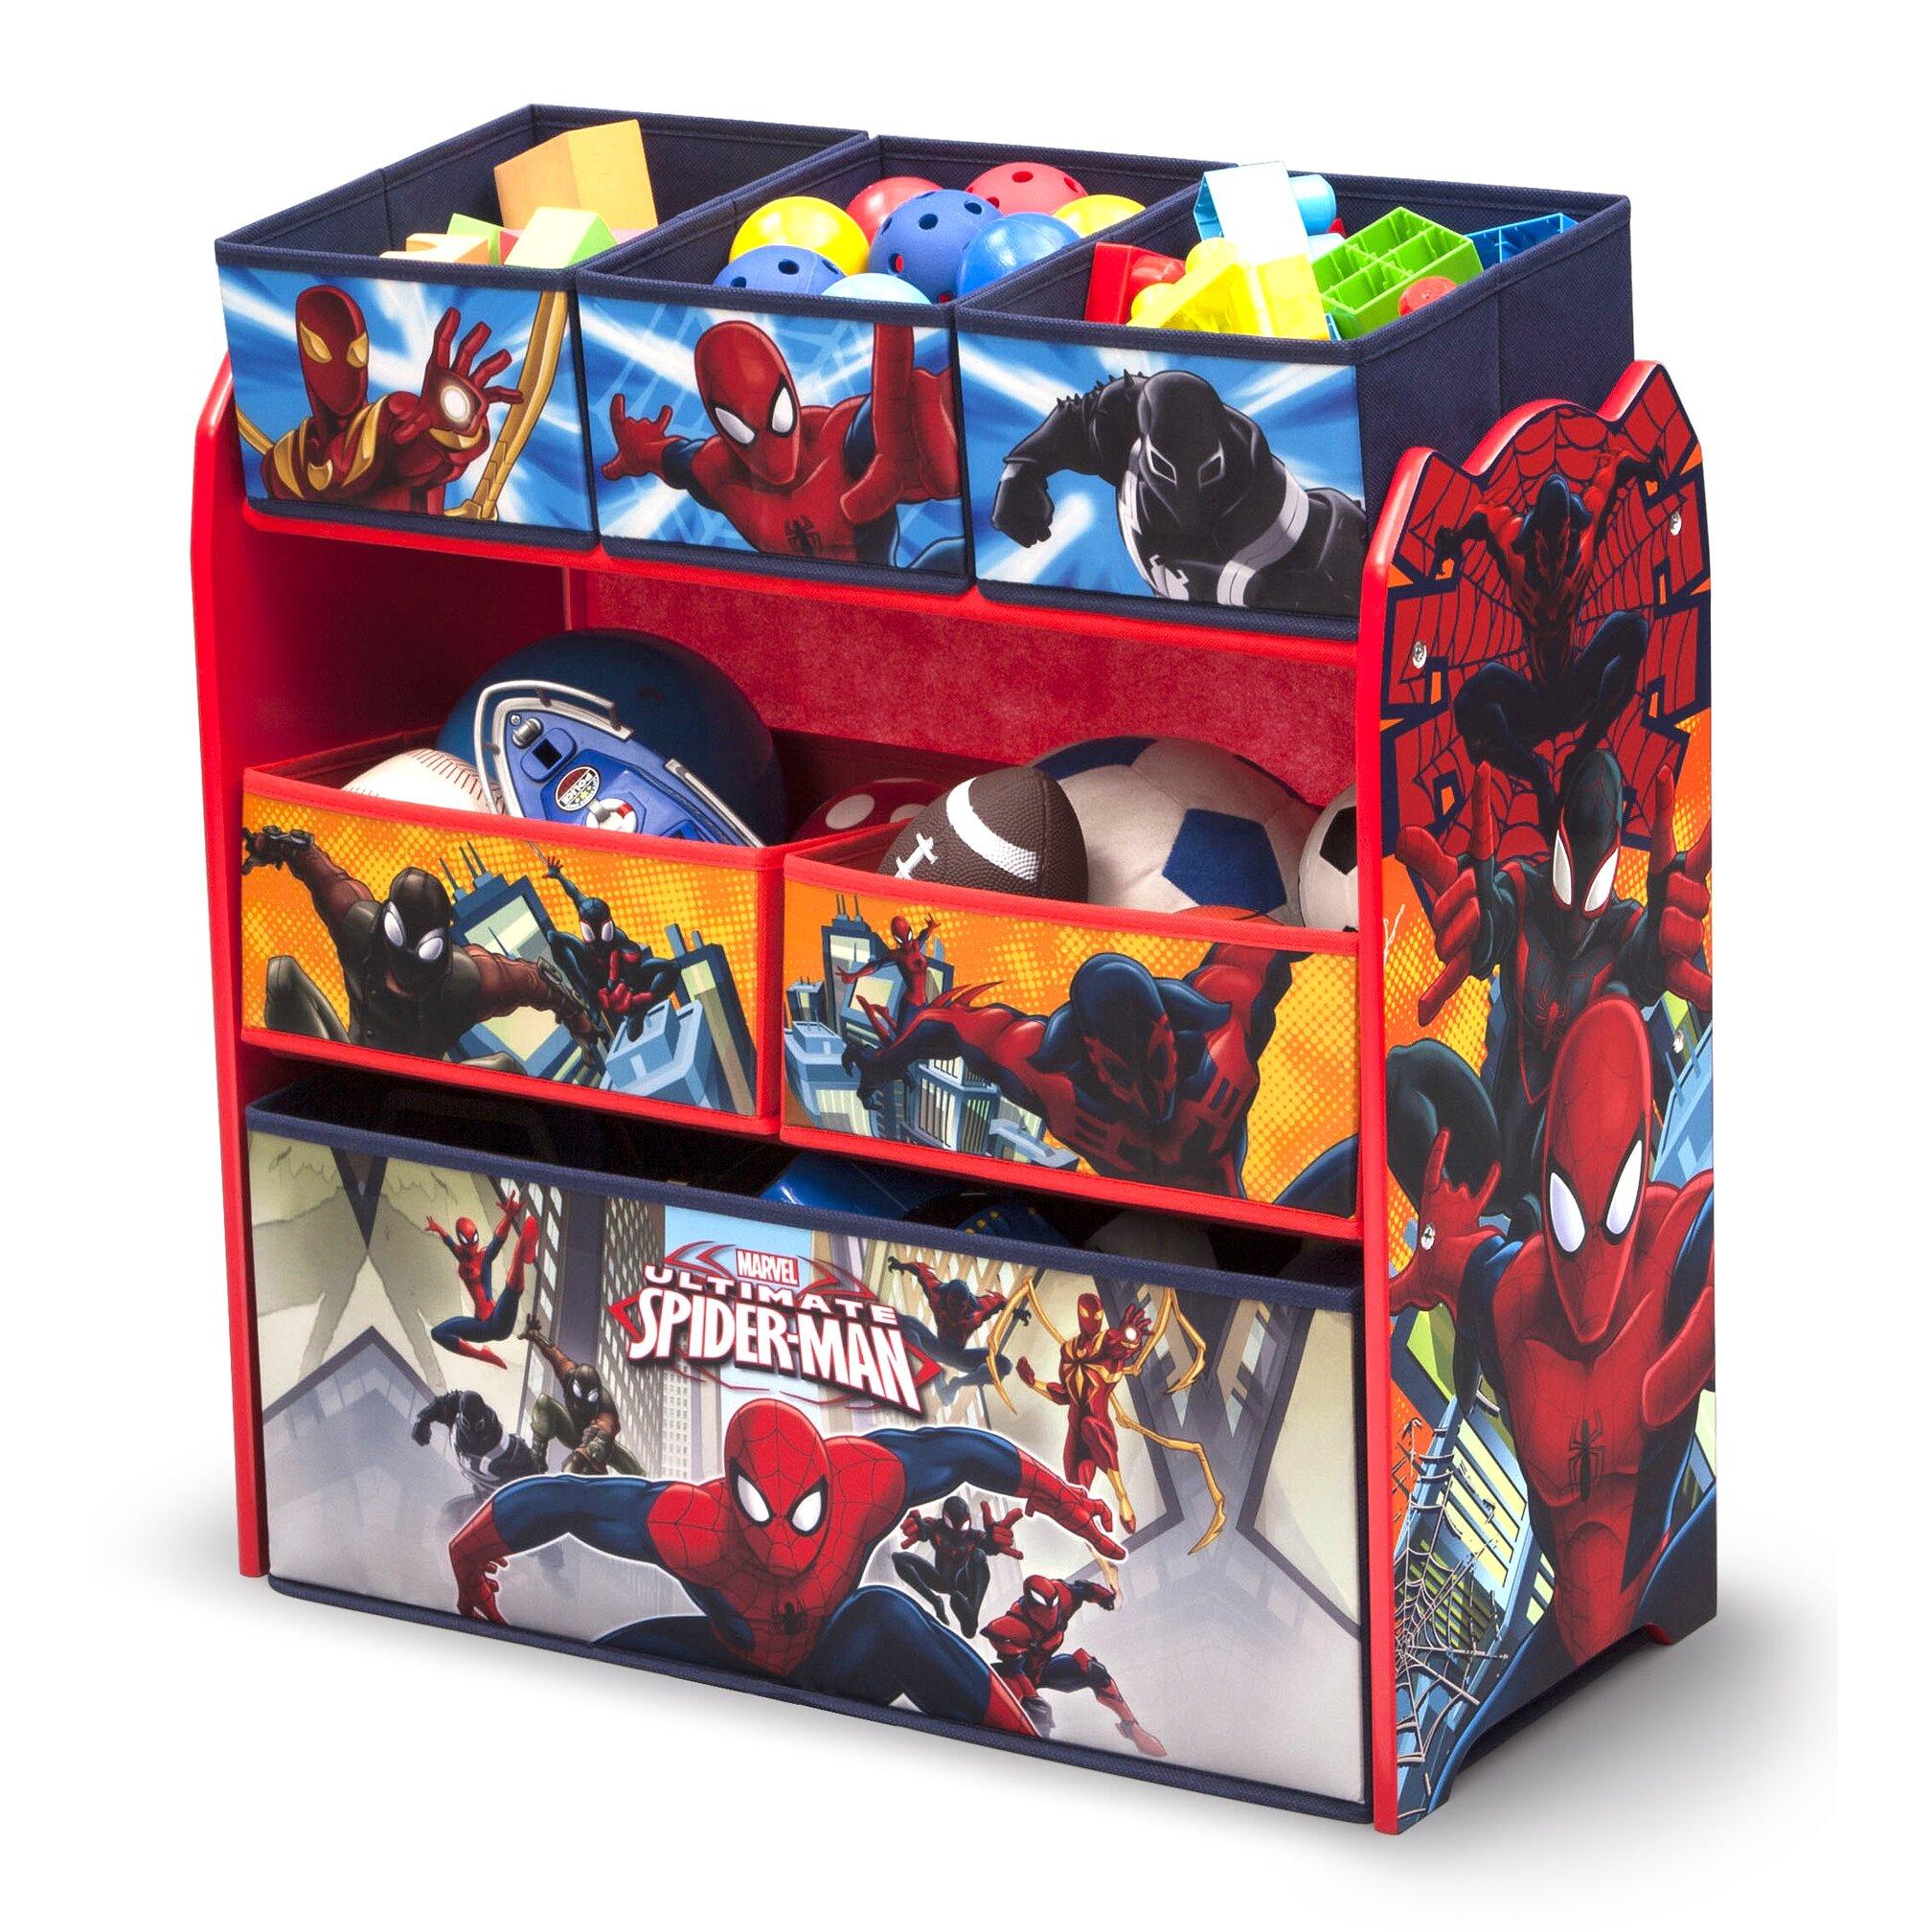 Delta Children Spider Man Toy Organizer & Reviews